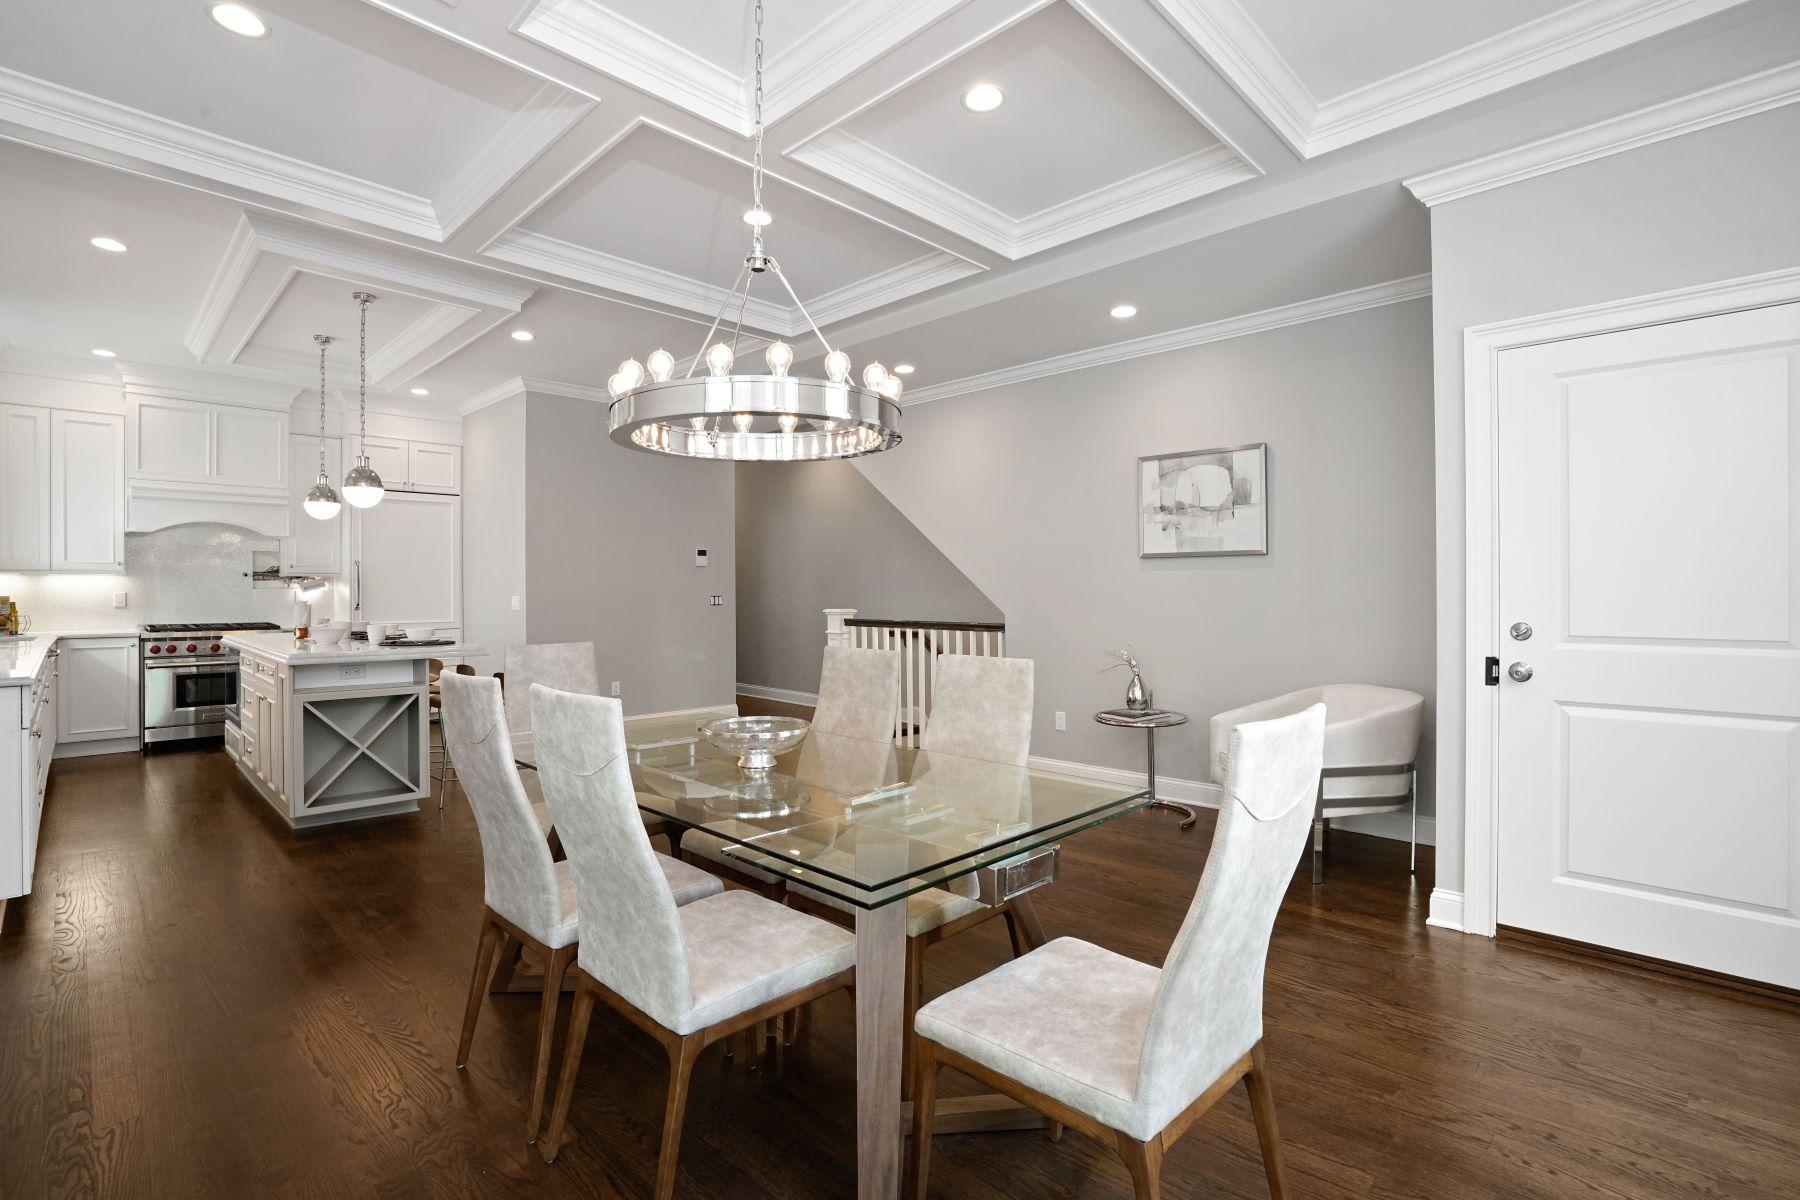 Condomínio para Venda às 66 Otis St, Unit 1 66 Otis Street Unit 1 Cambridge, Massachusetts, 02141 Estados Unidos